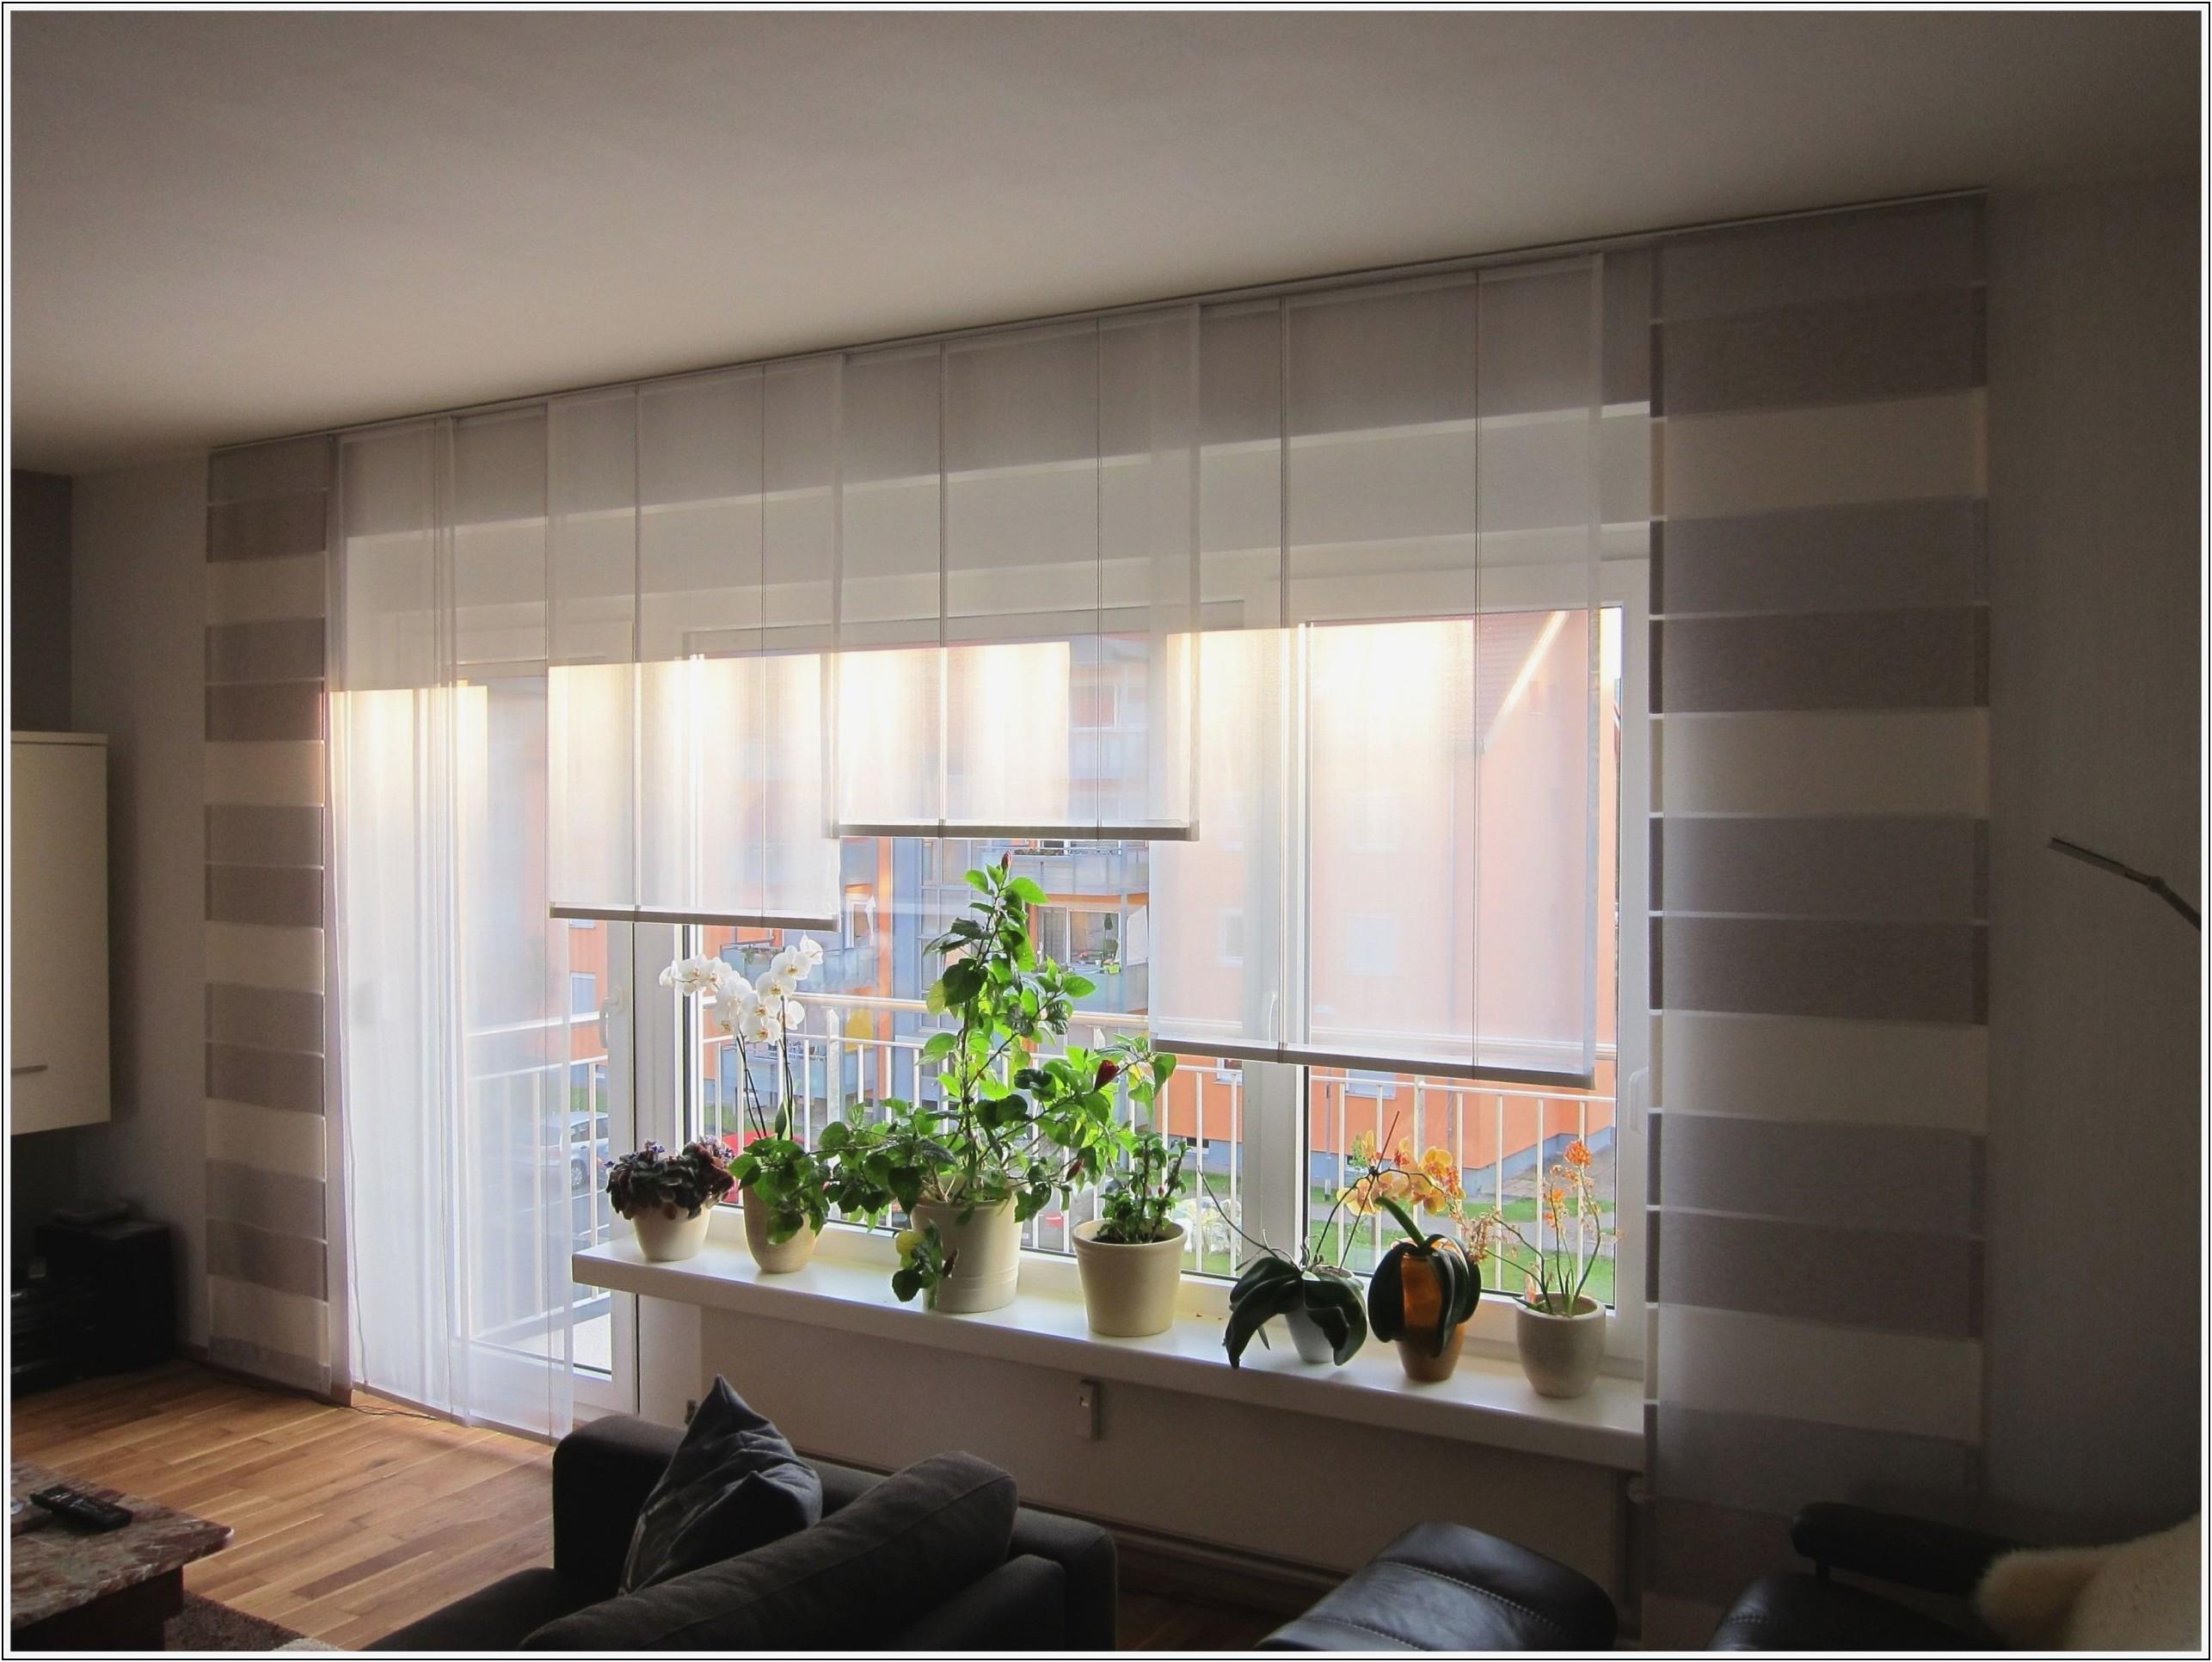 Wohnzimmer Fenster Dekorieren Ohne Gardinen